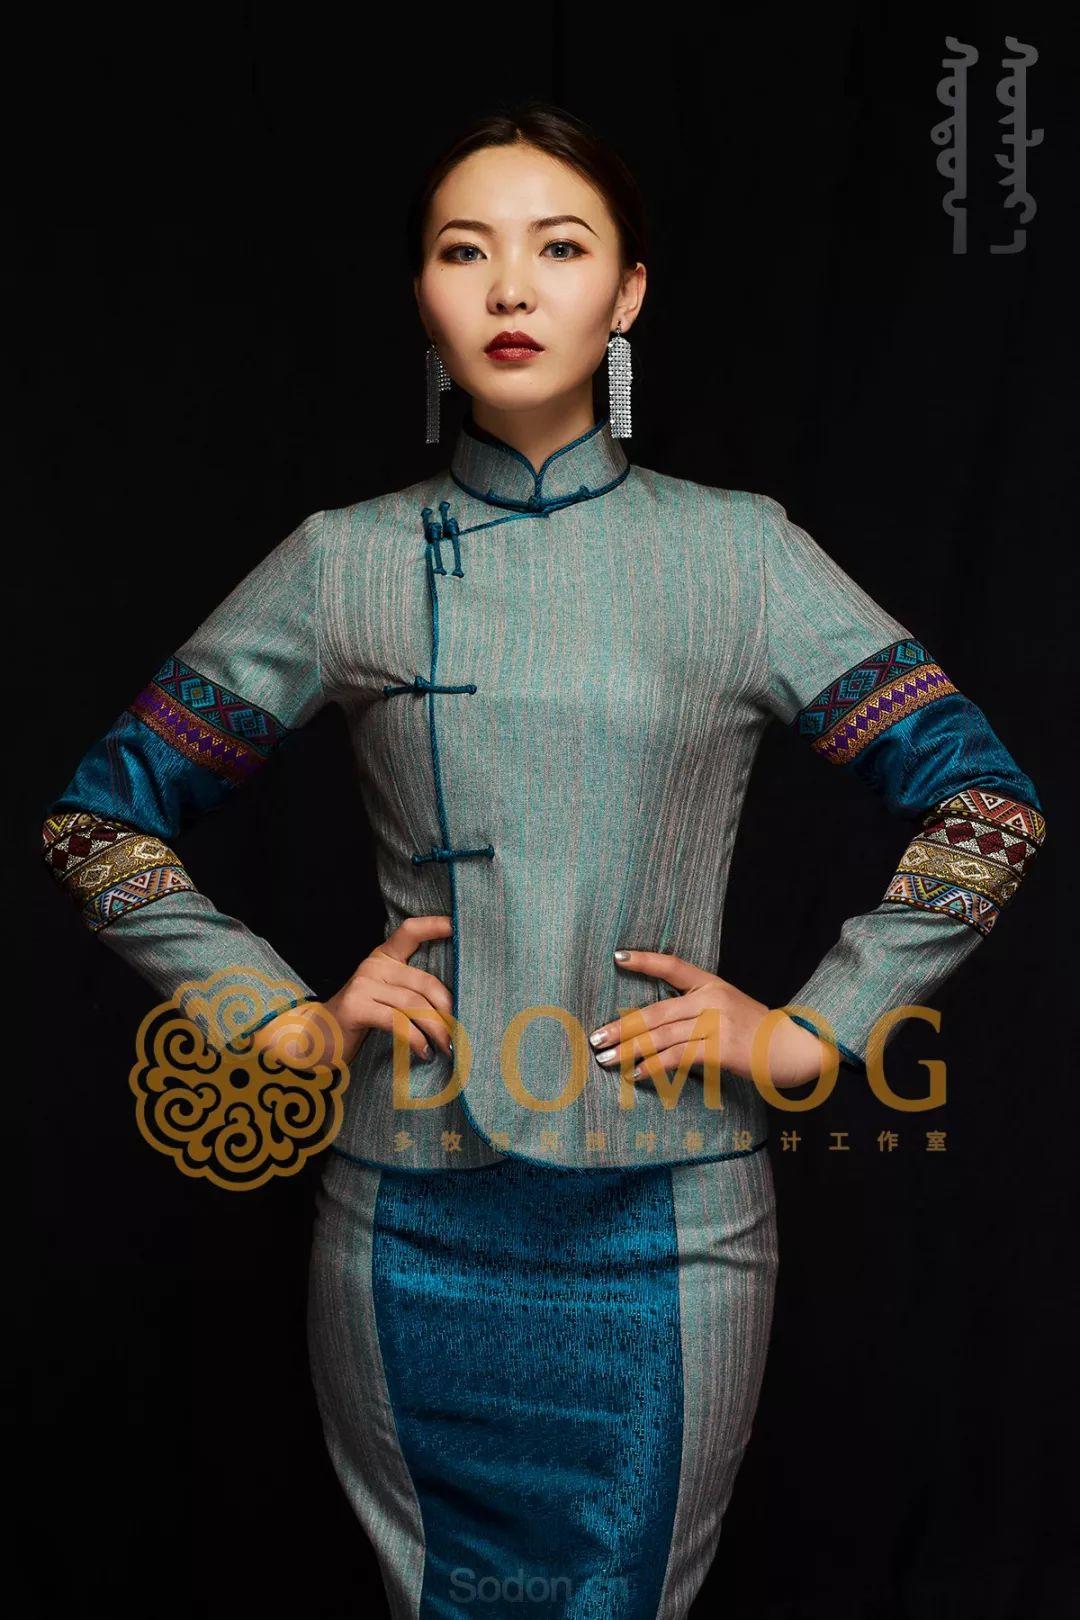 DOMOG蒙古时装绝美秋冬款系列,美出新高度! 第29张